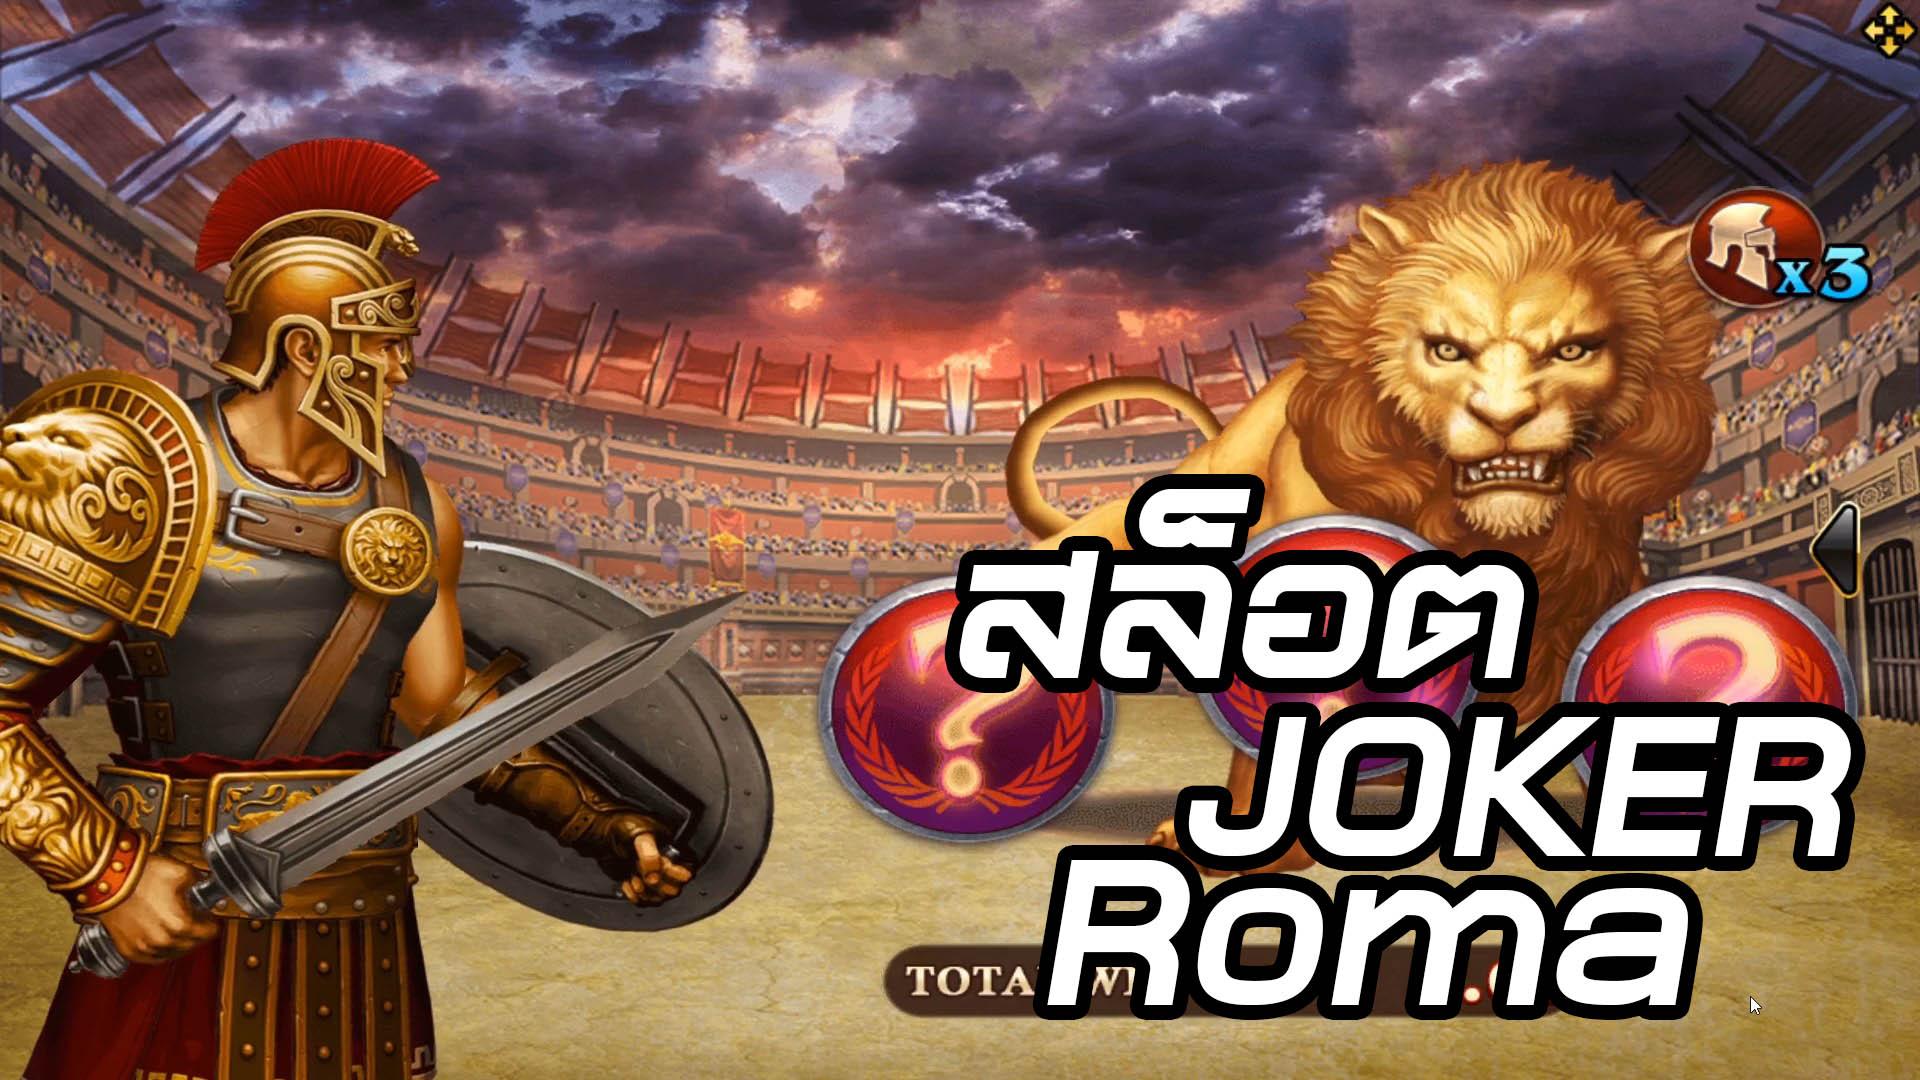 Roma เกมสล็อตออนไลน์สุดฮิตจากค่ายเกมชั้นนำอย่างโจ๊กเกอร์เกมสล็อต